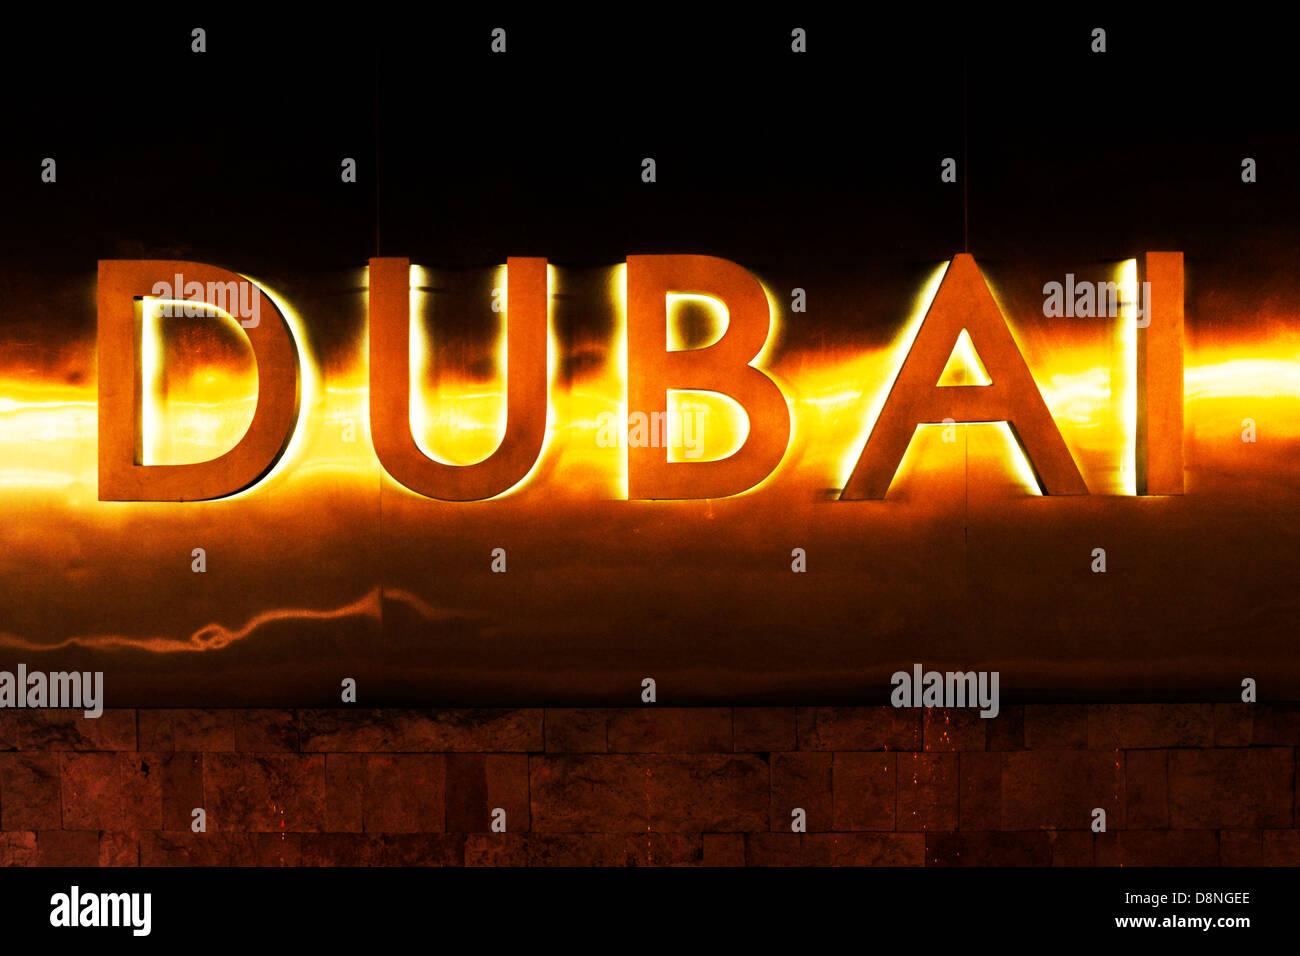 Capital letters, Dubai, UAE - Stock Image